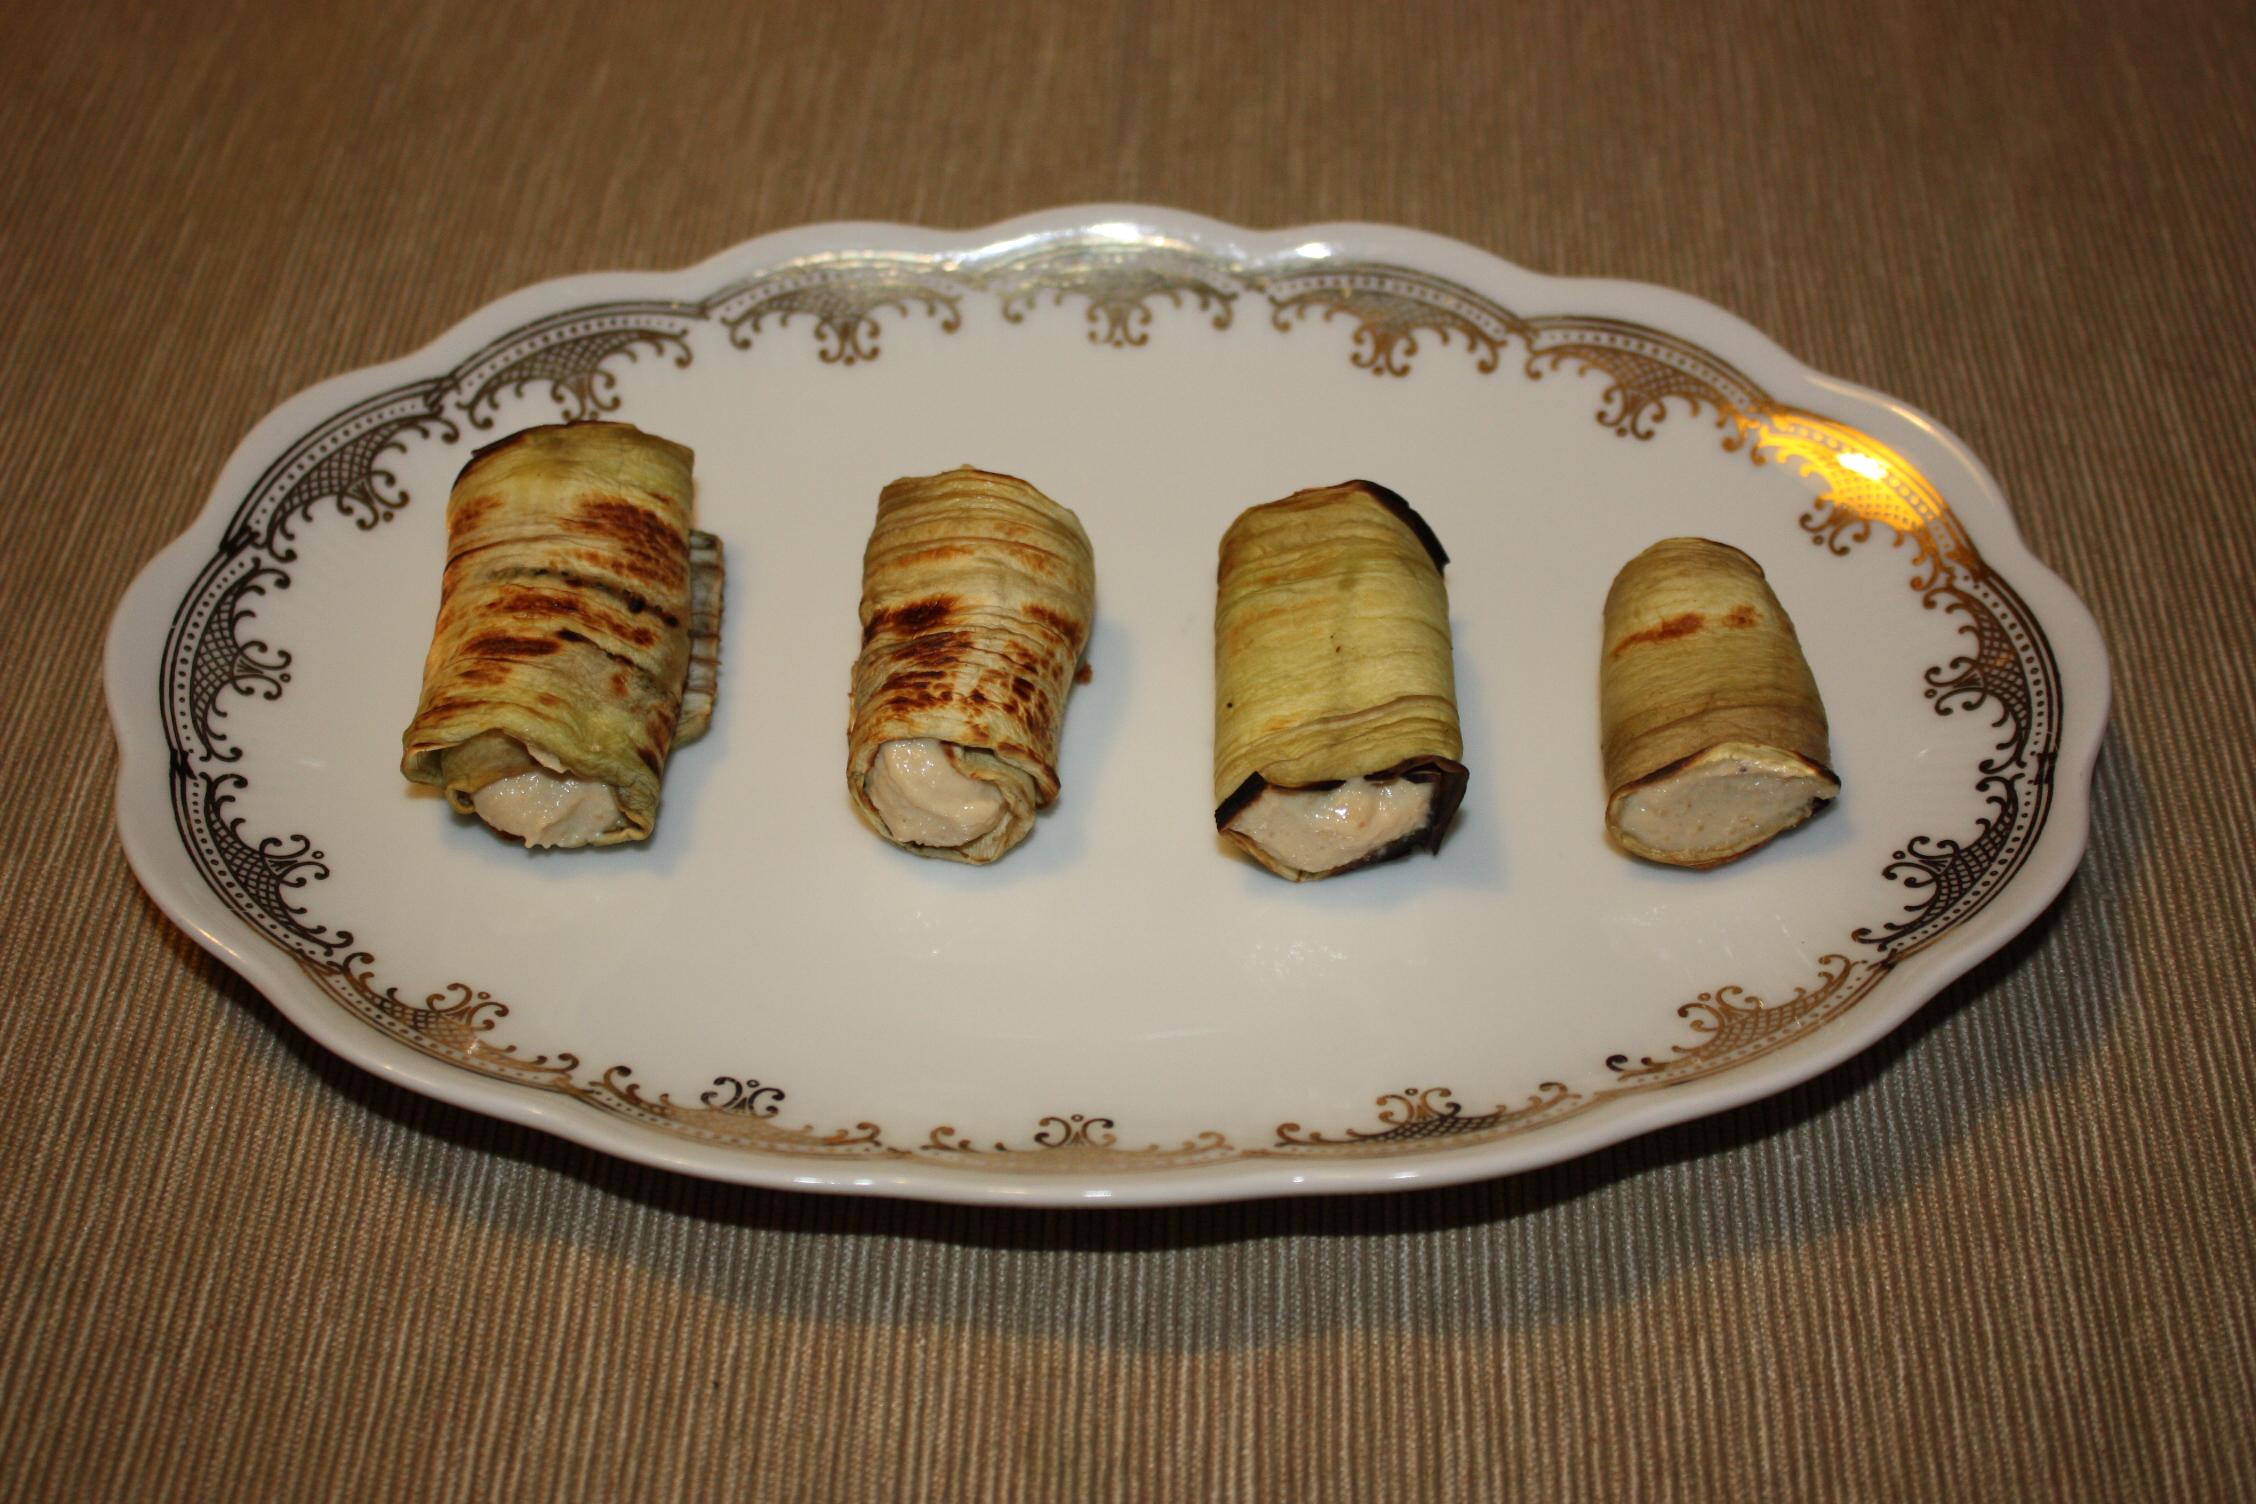 Involtini Di Melanzana Con Crema Di Arachidi E Anacardi – Piatto Pronto